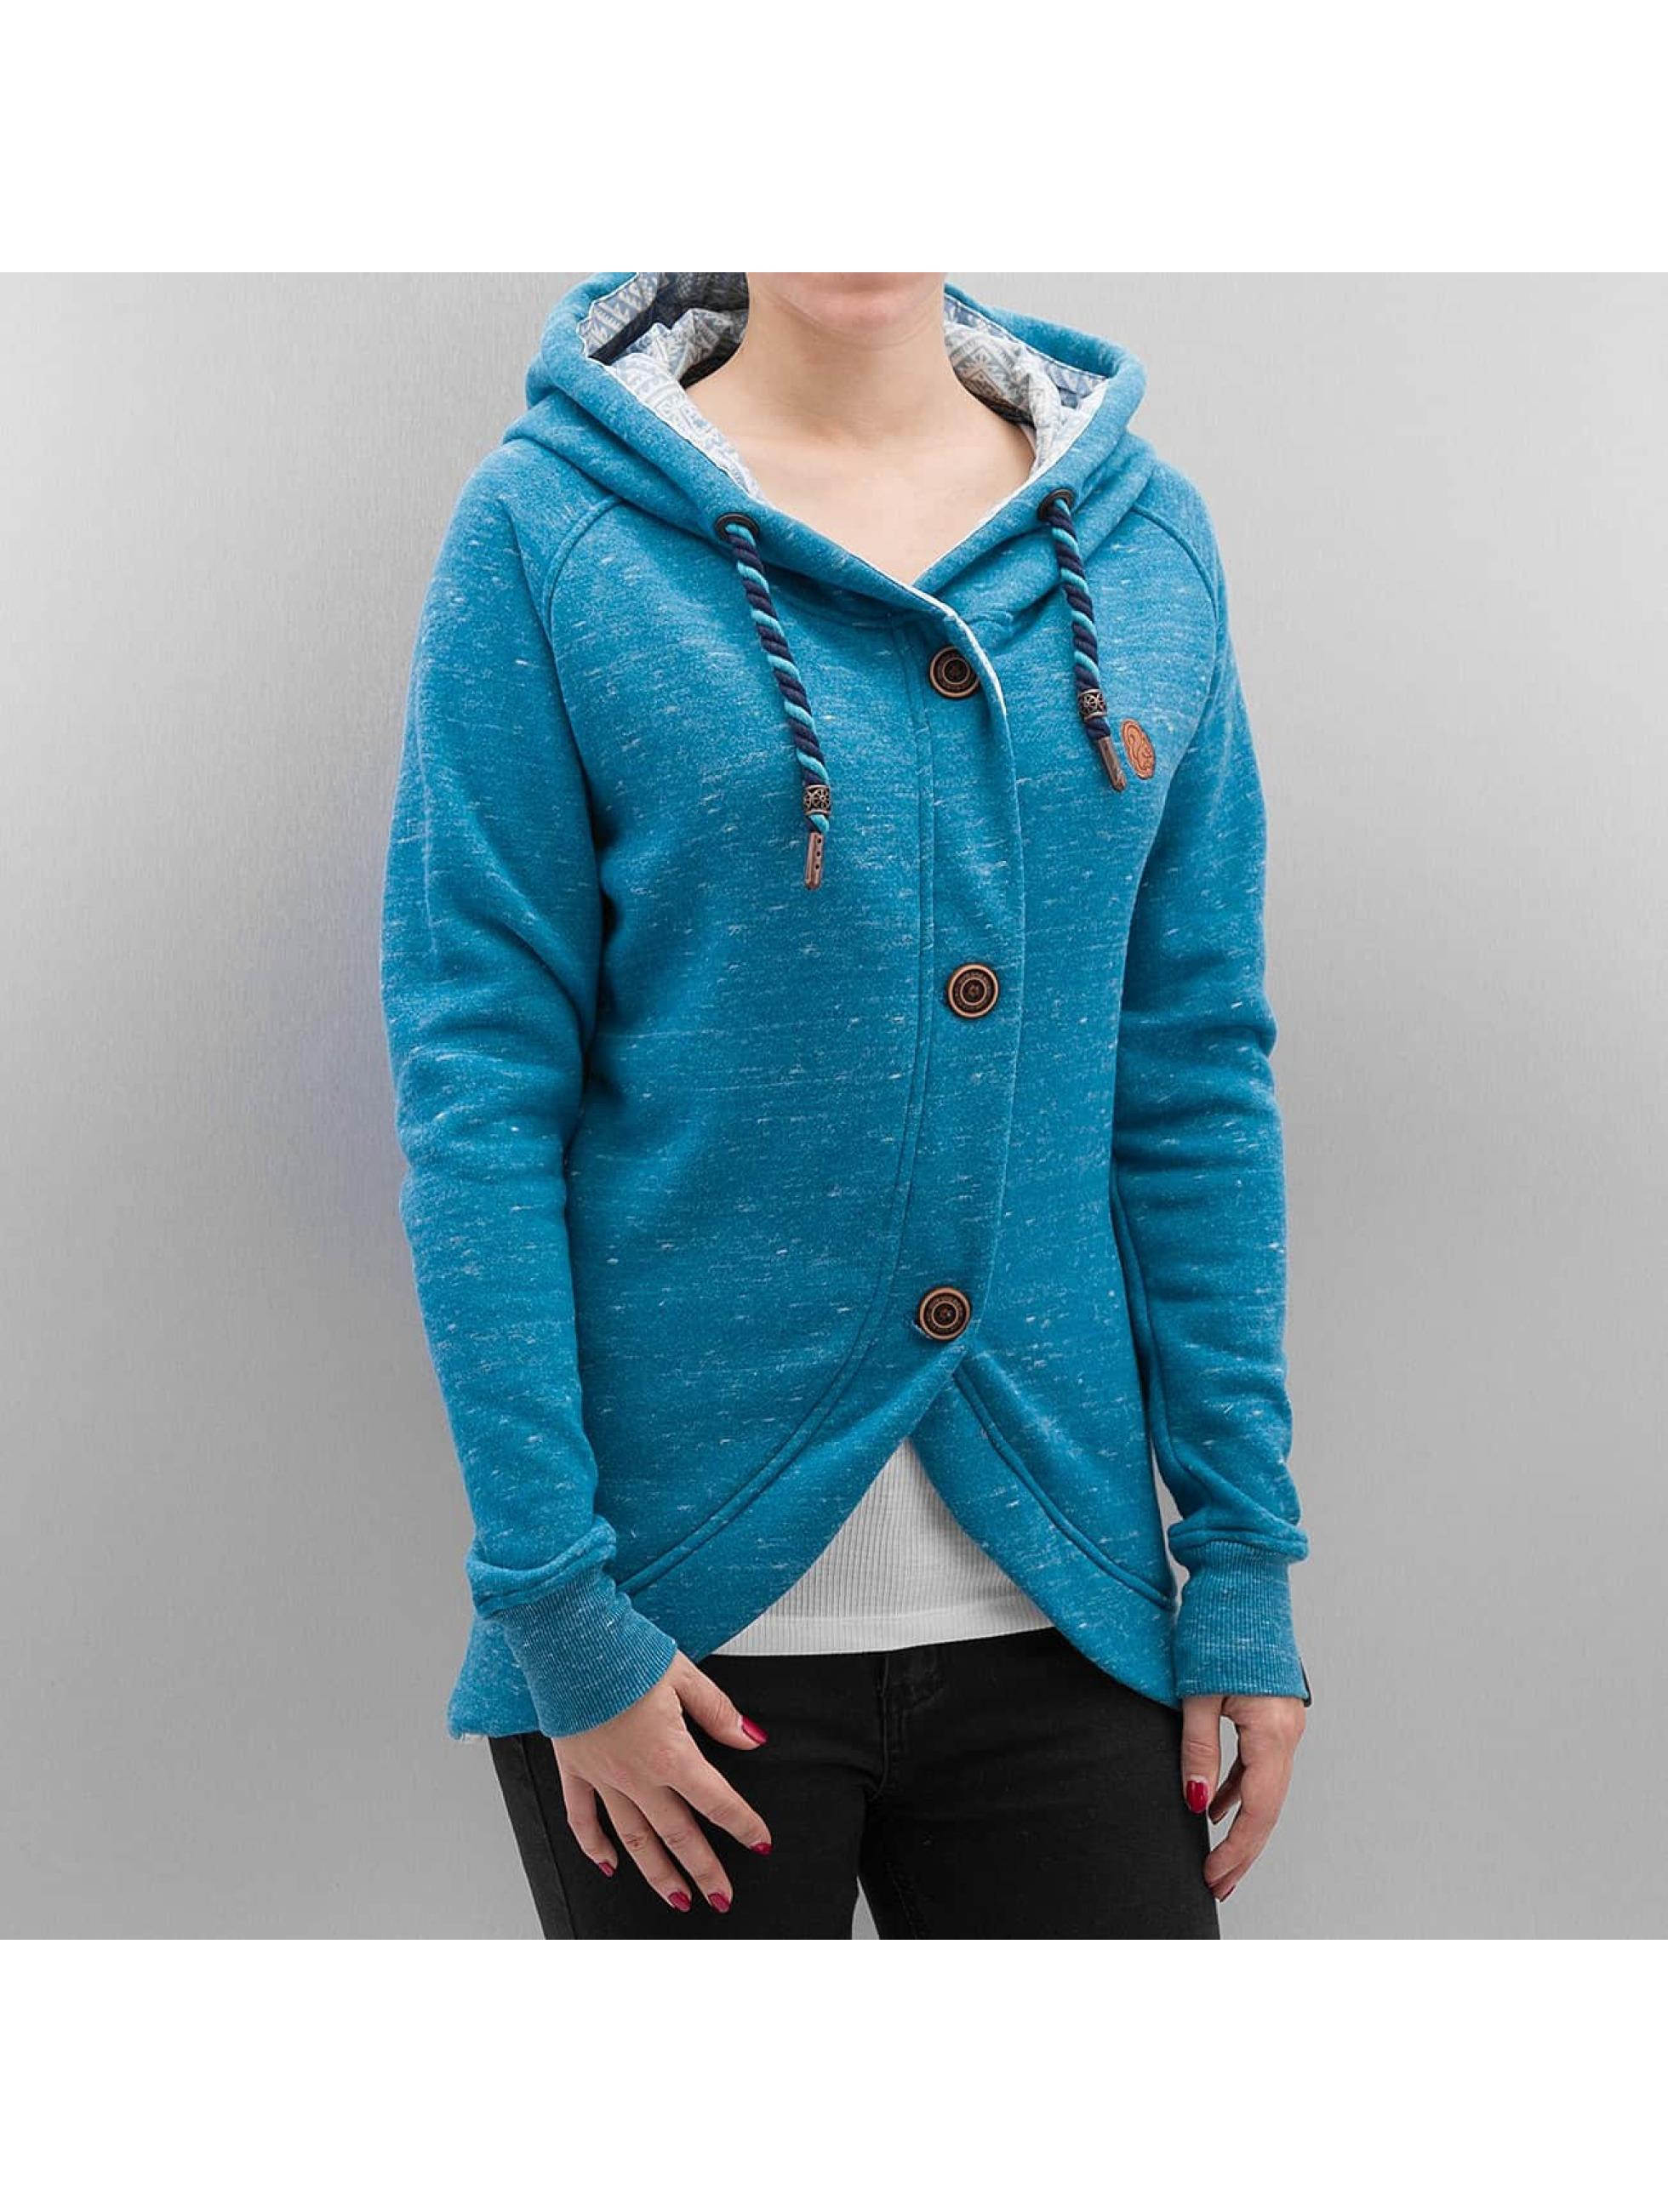 Alife & Kickin Frauen Strickjacke Mary in blau